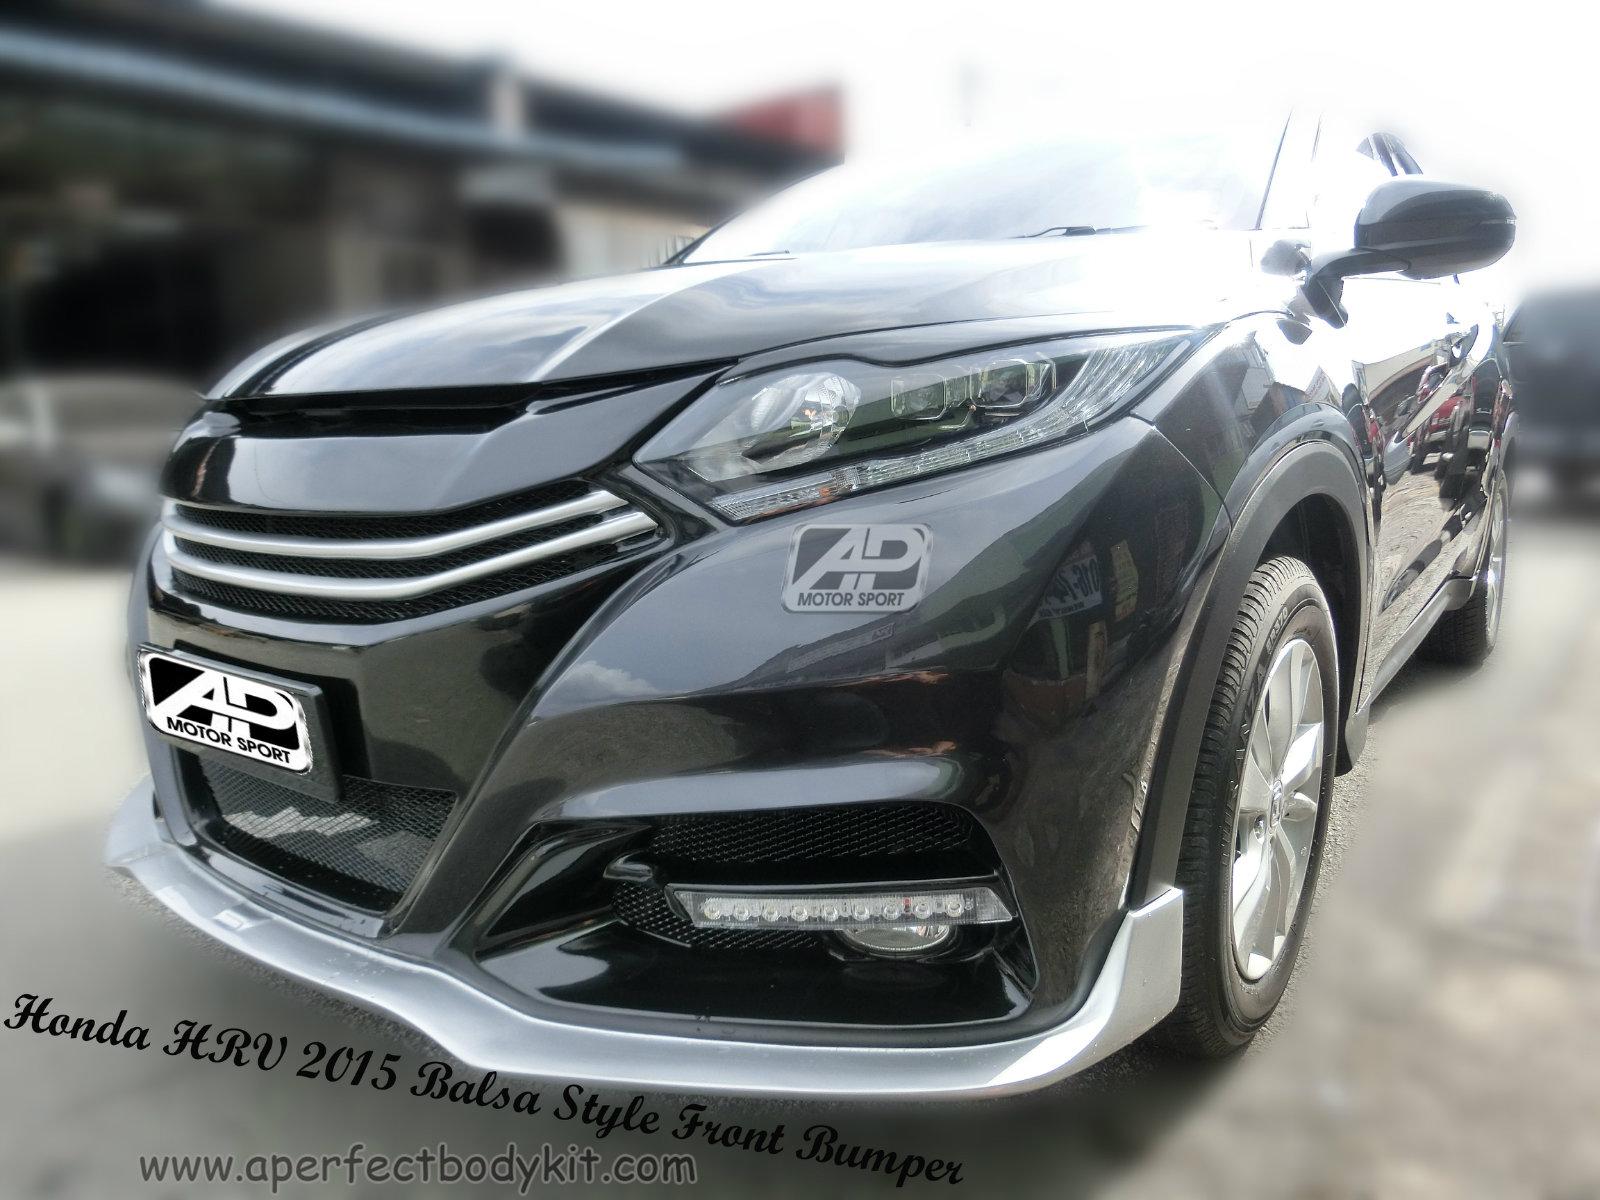 Honda HRV 2015 Balsa Style Honda HRV / Vezel 2015 Johor ...